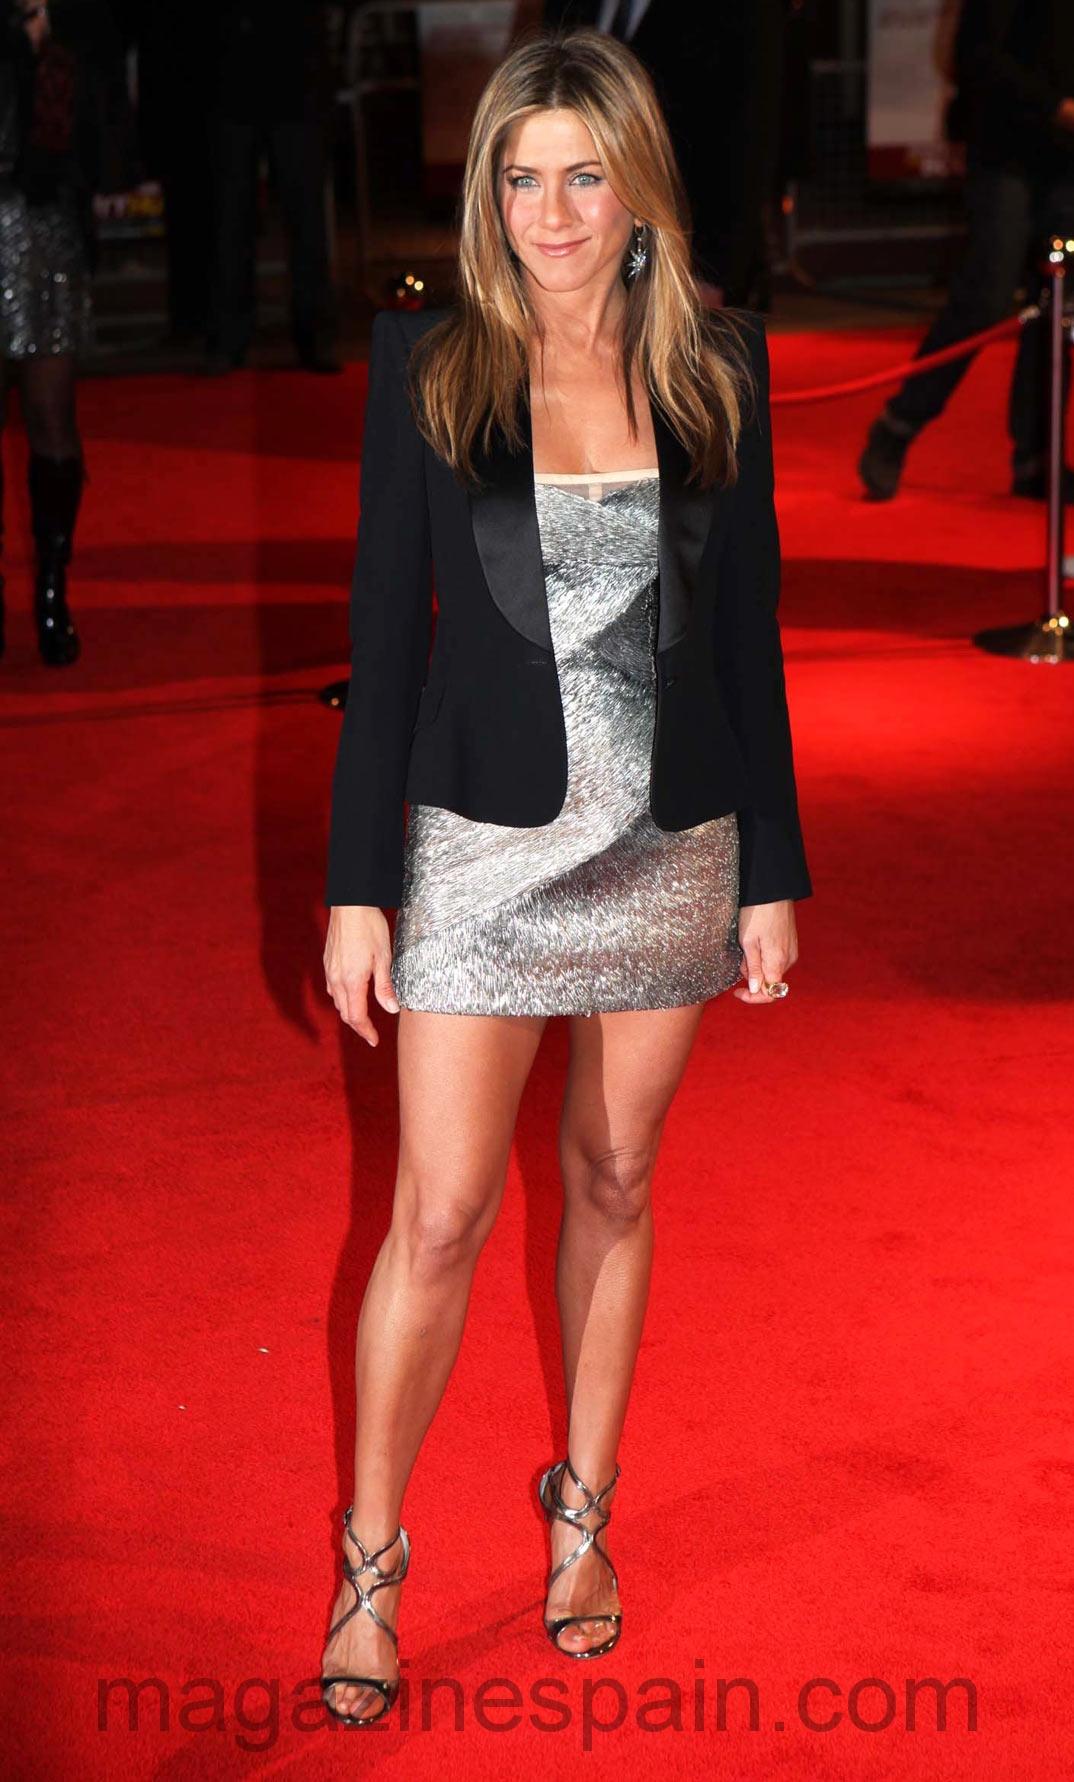 Jennifer Aniston 2005 2014